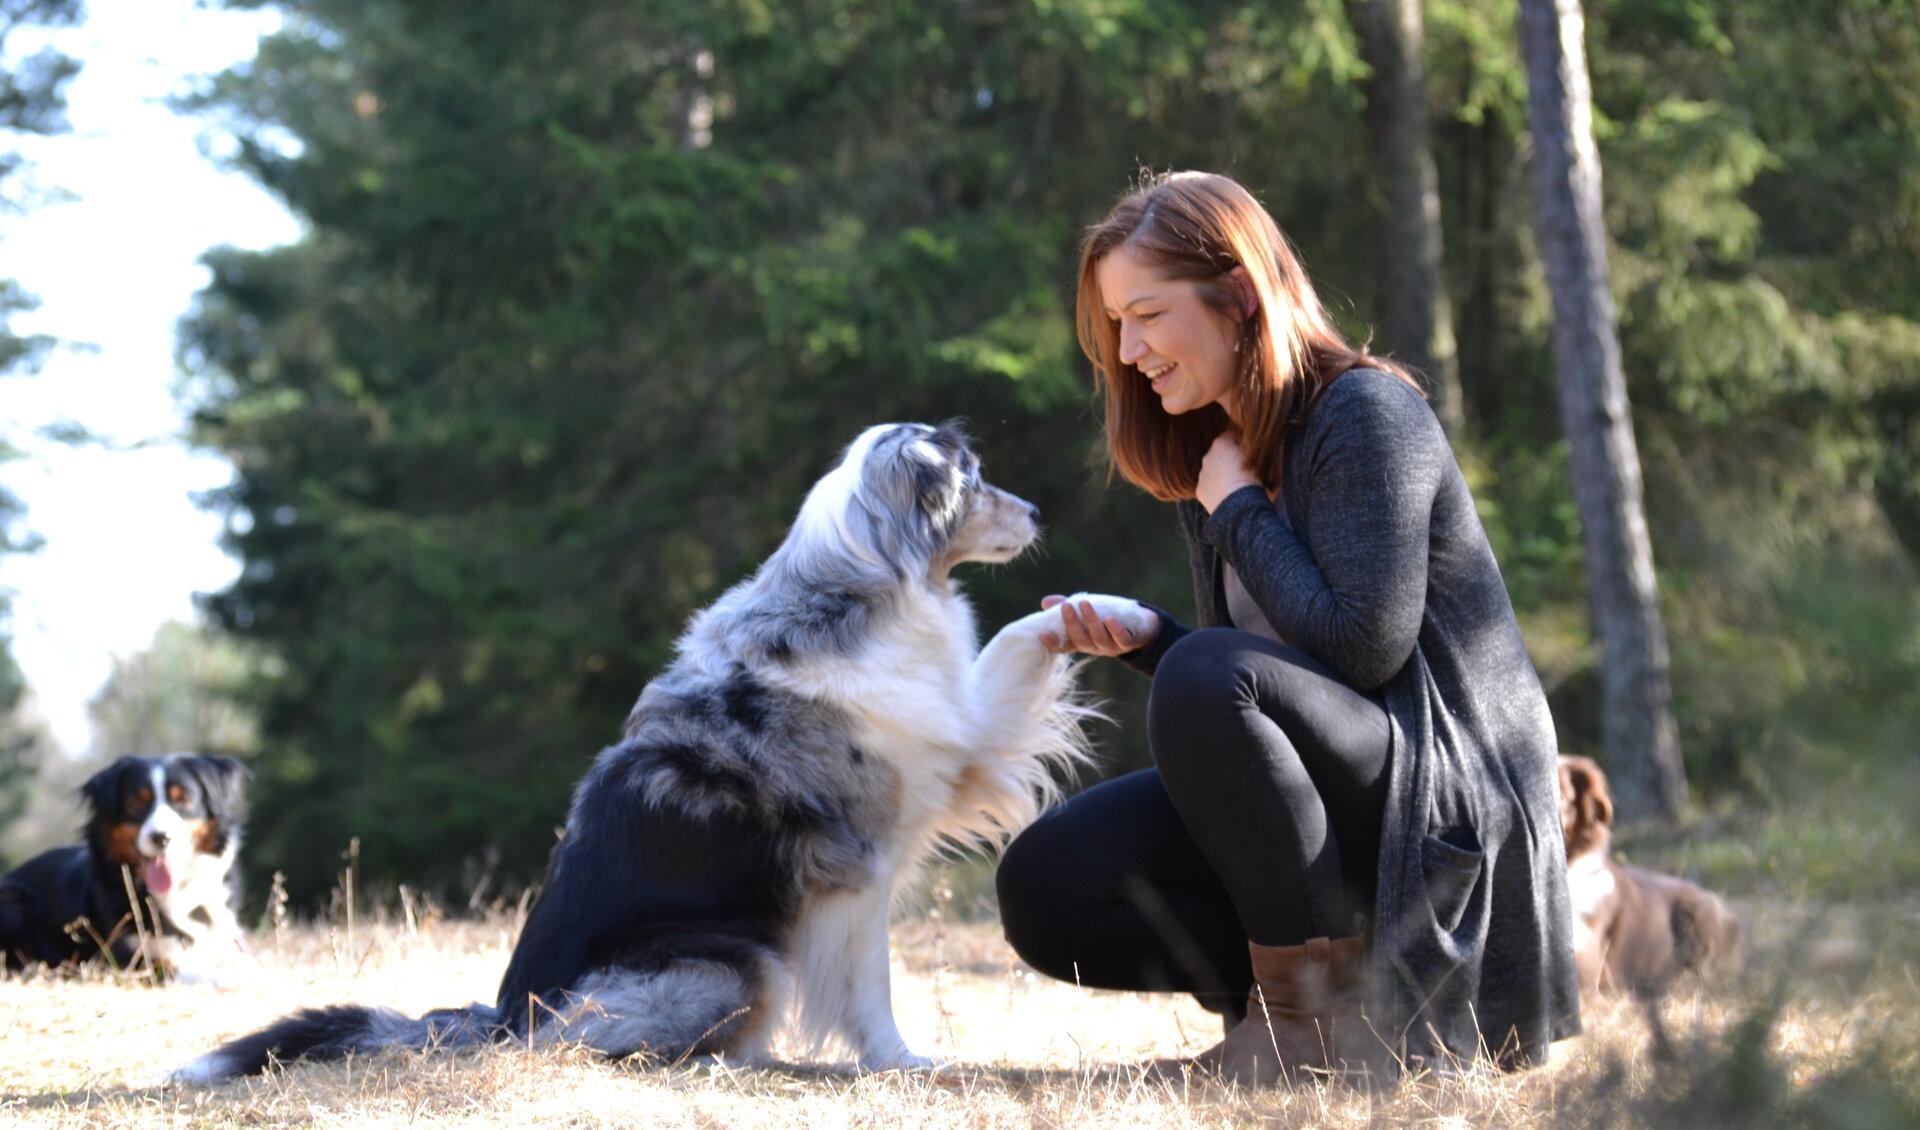 Hund Mensch Miteinander